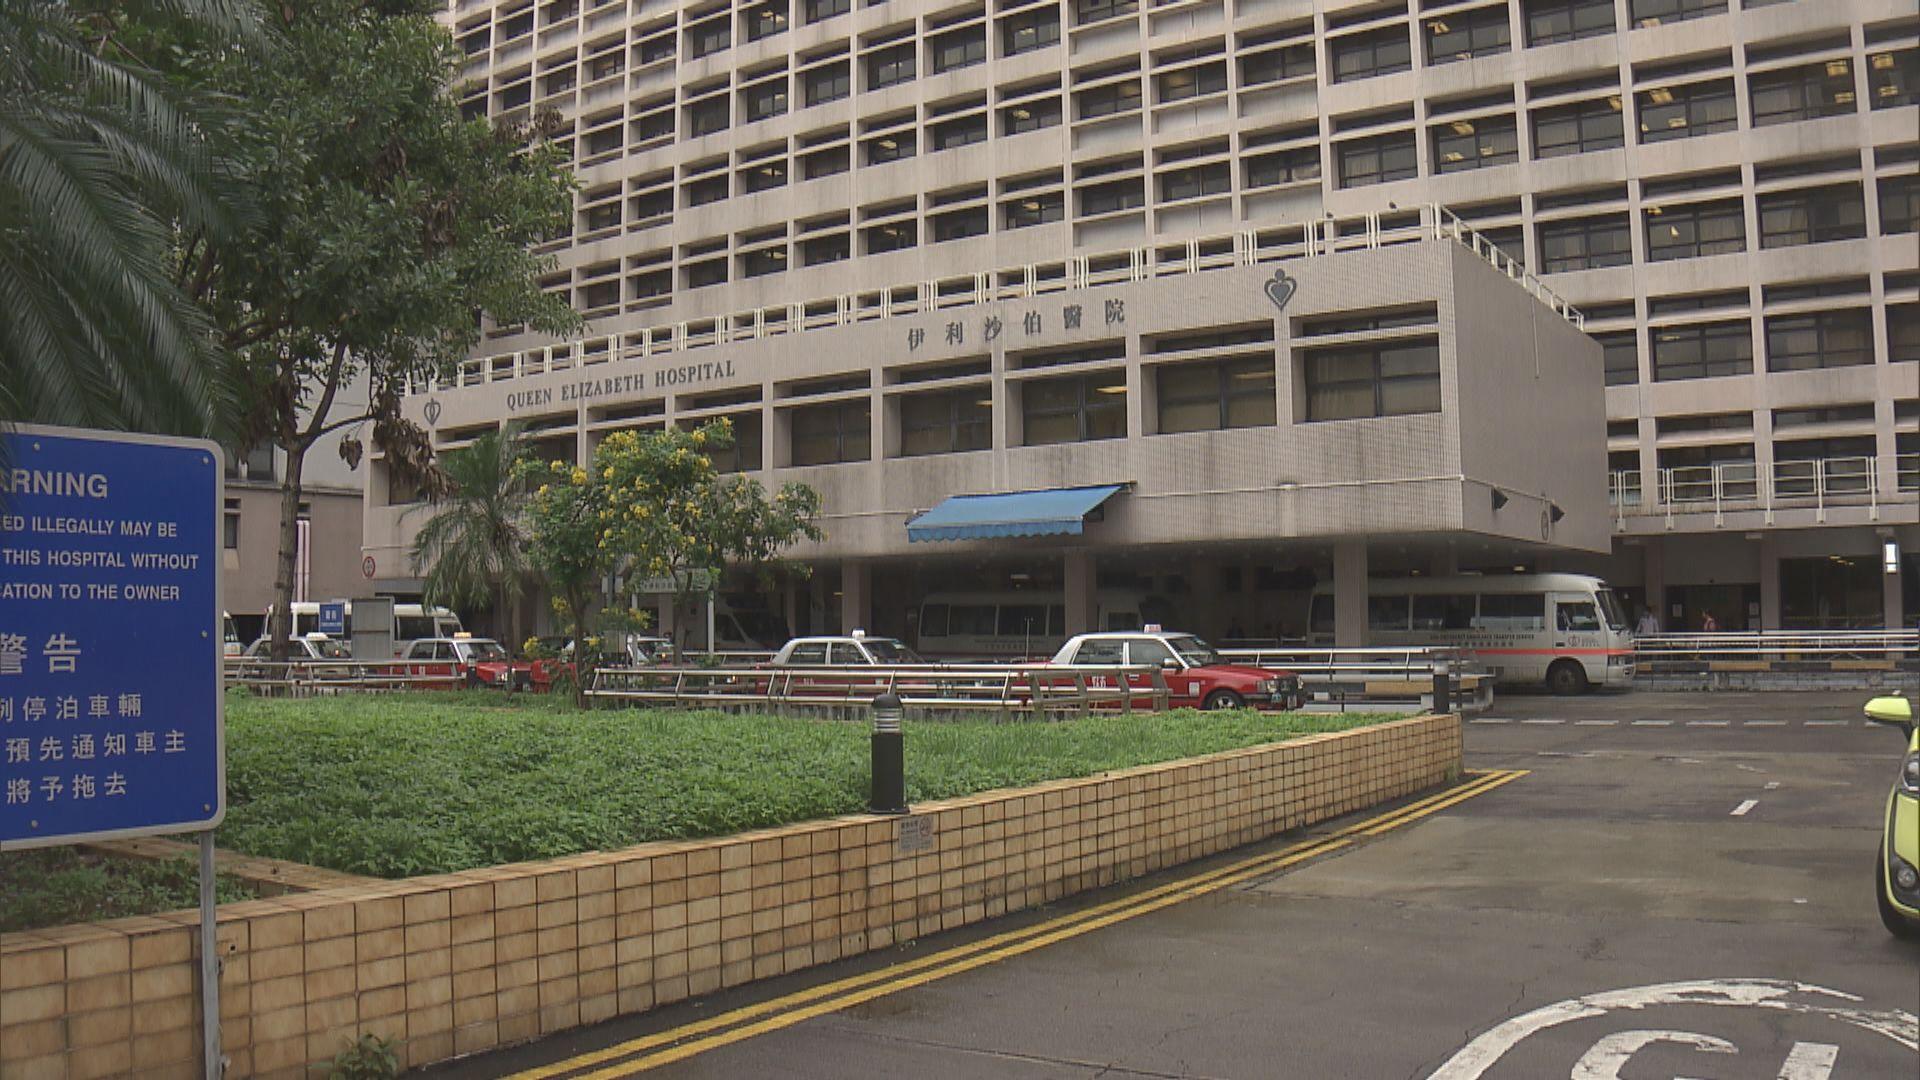 消息:香港確診首宗新型冠狀病毒個案